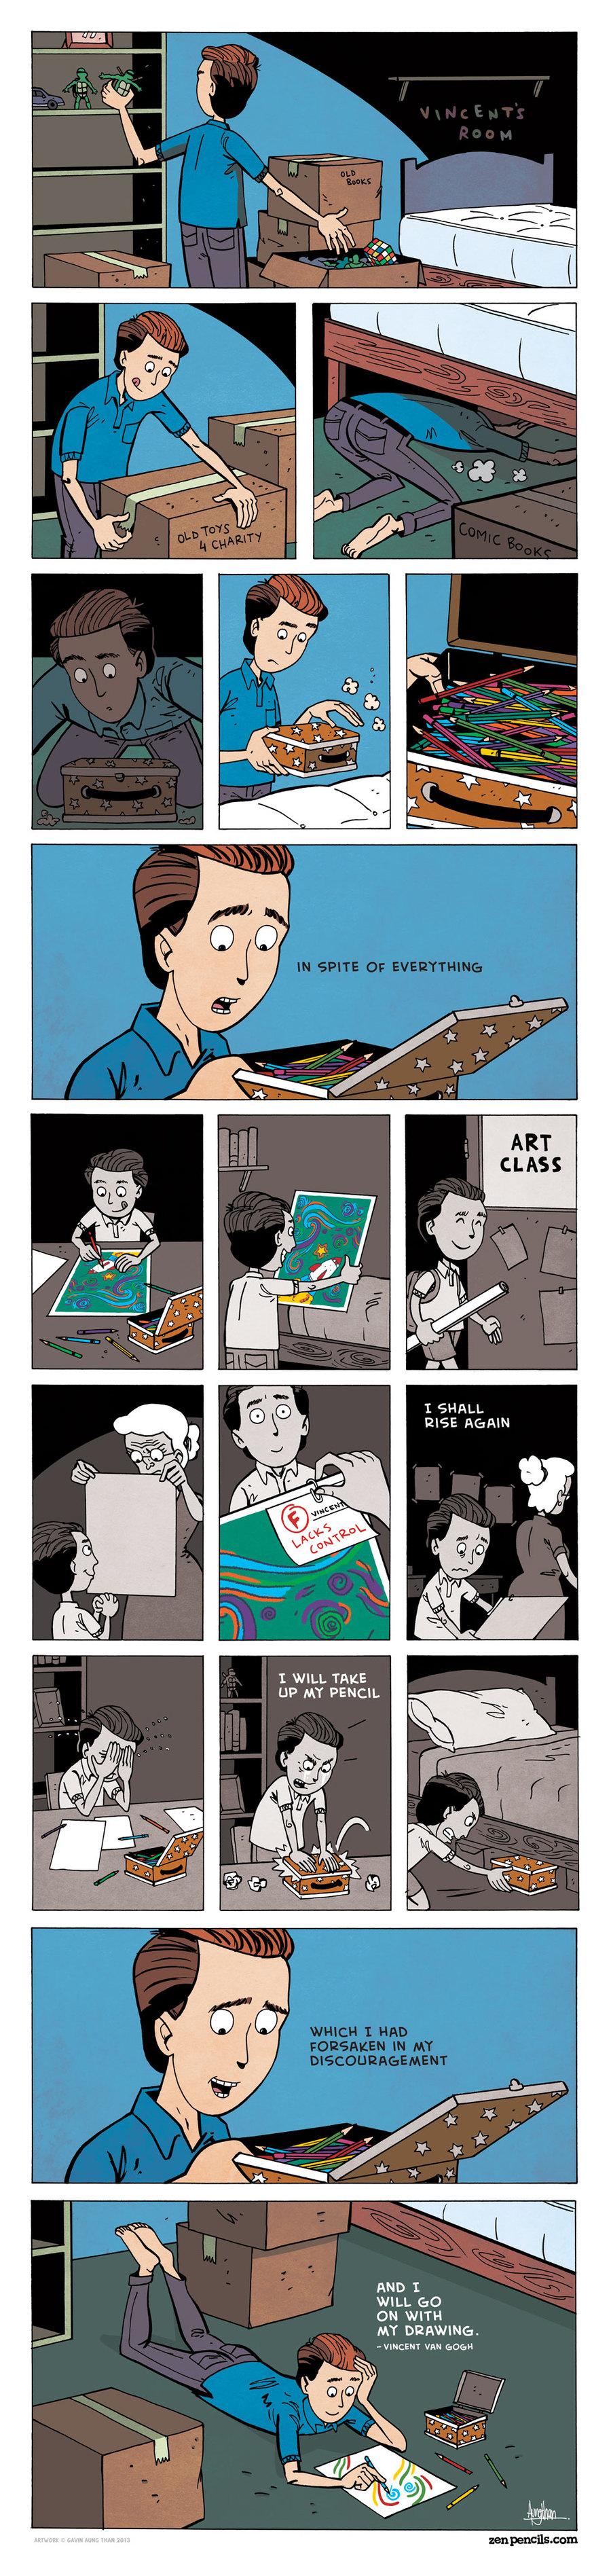 Zen Pencils for Mar 31, 2014 Comic Strip